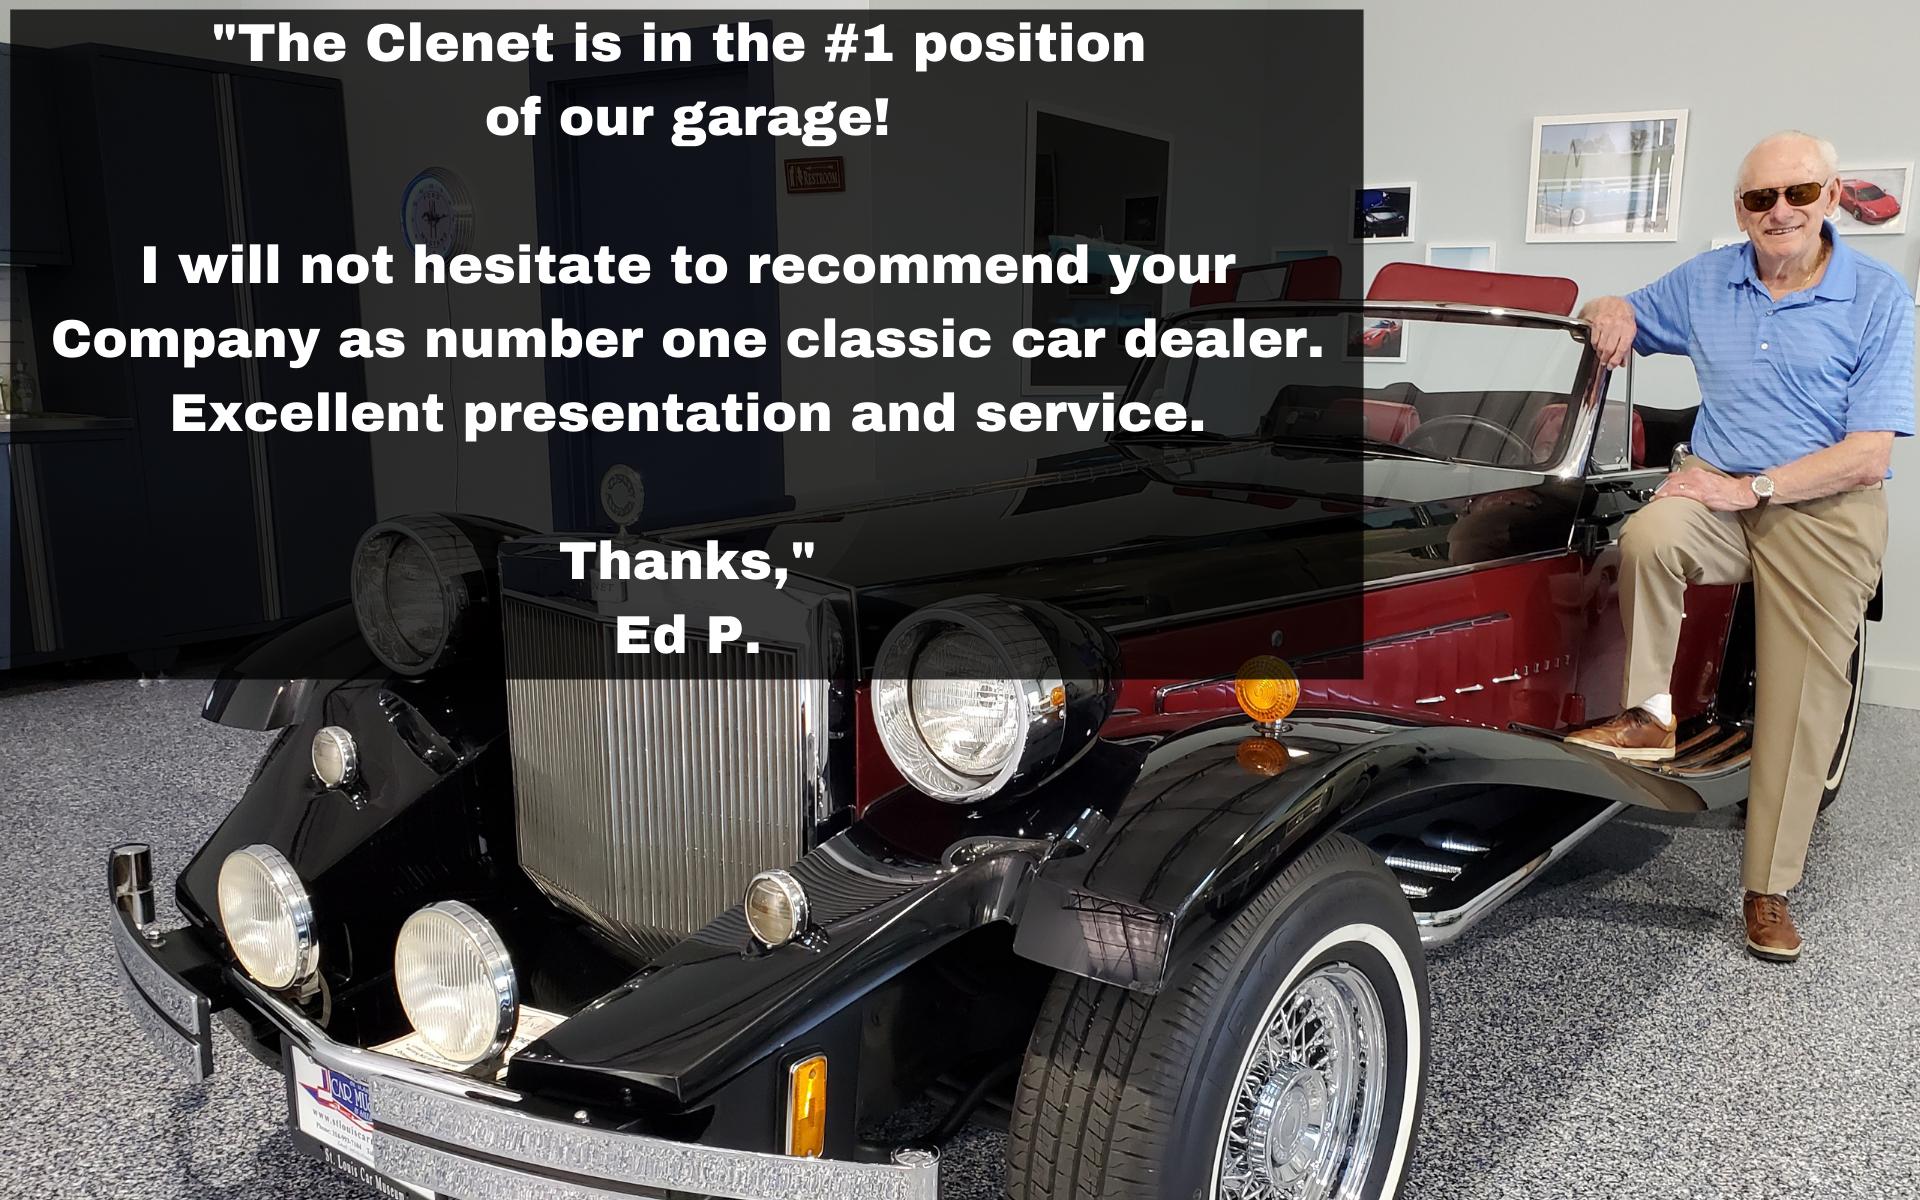 1985 Clenet Series III sold